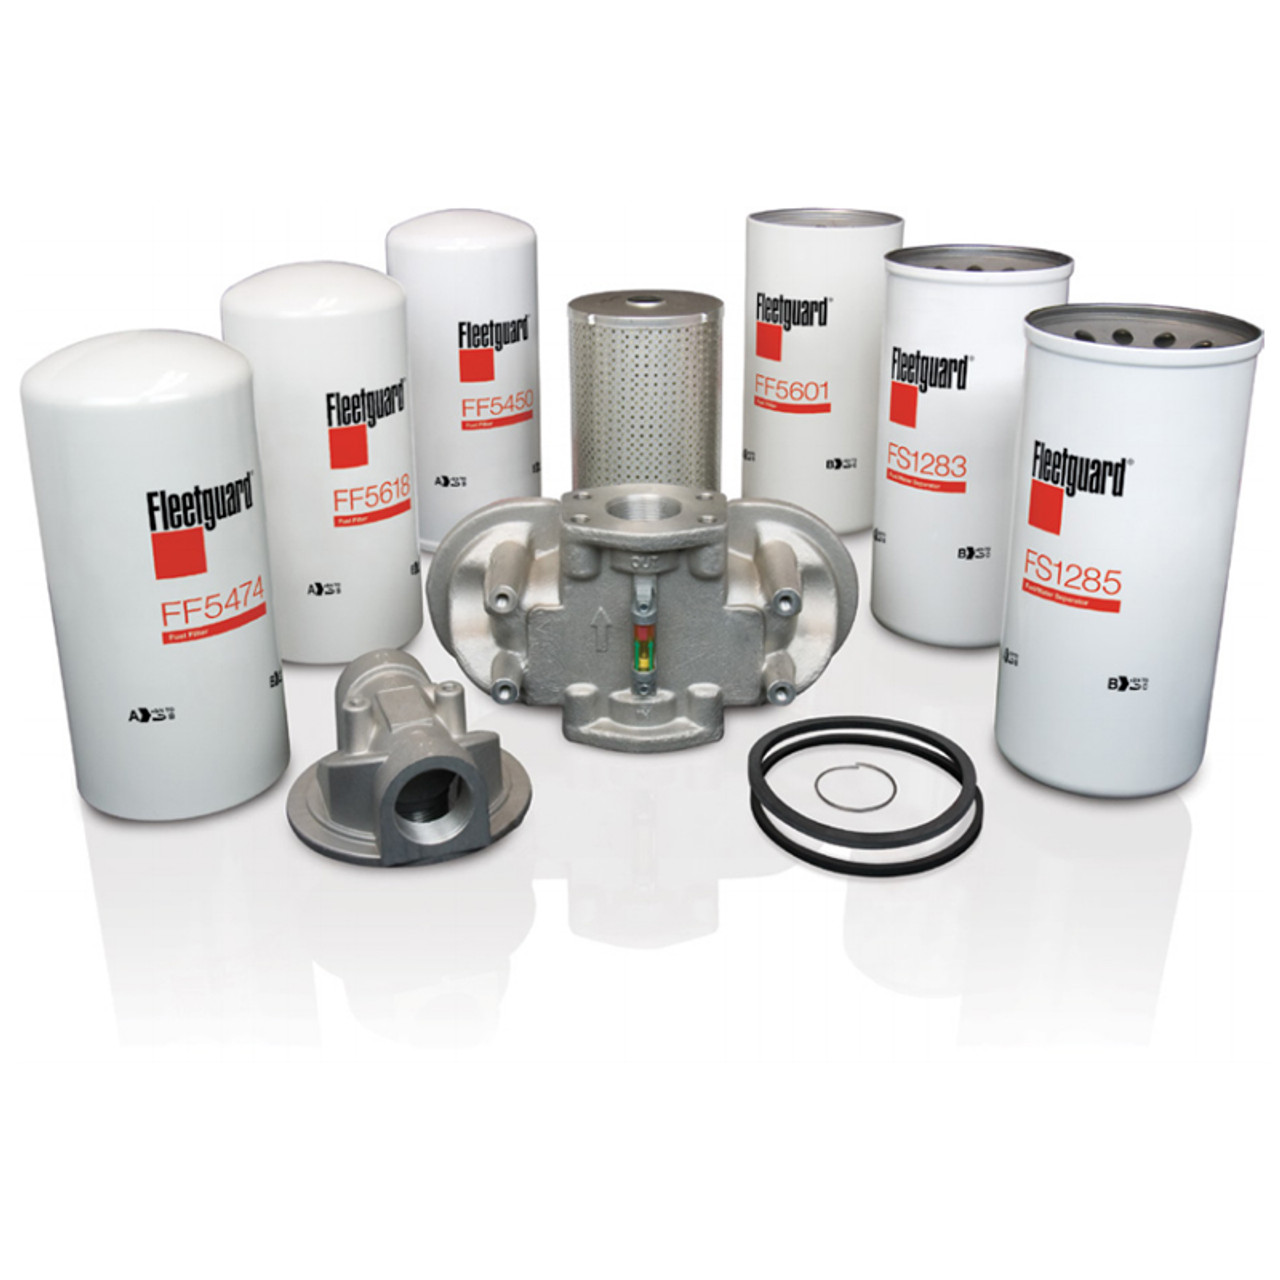 Fleetguard FS19586 Fuel Water Separator Housing Kit